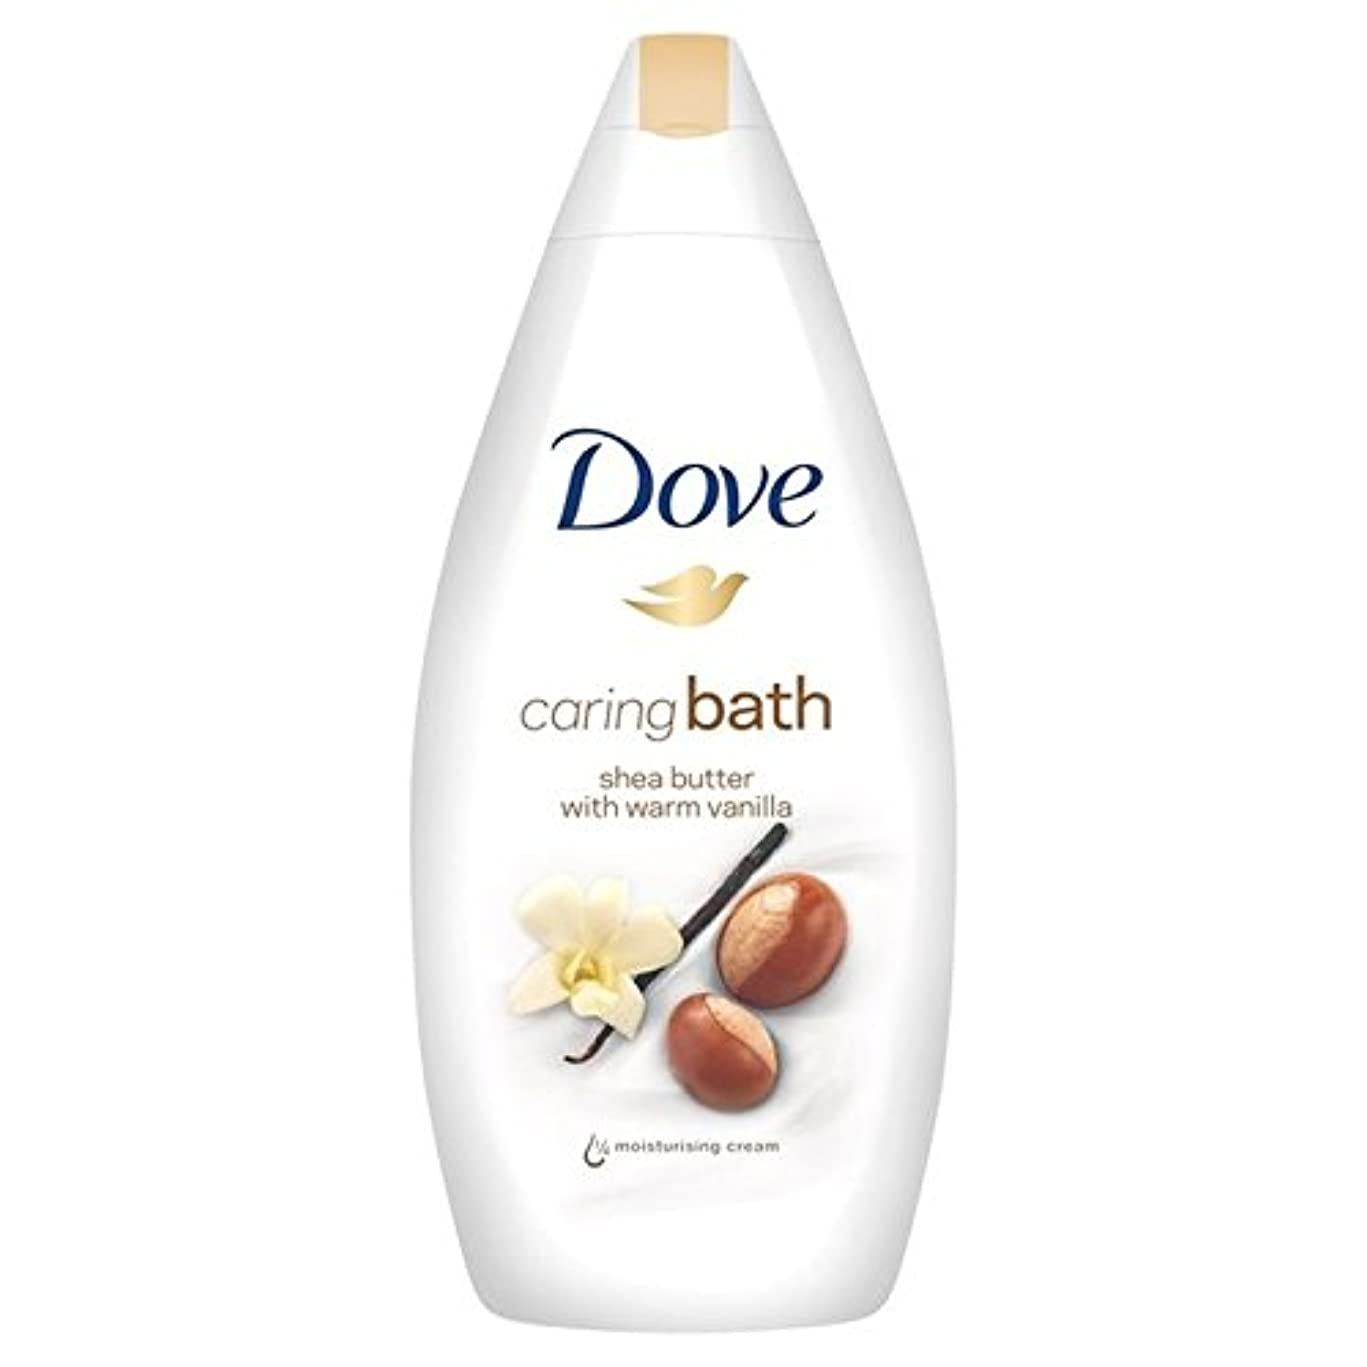 確立ルアー船酔いDove Purely Pampering Shea Butter Caring Cream Bath 500ml (Pack of 6) - 鳩純粋な贅沢シアバター思いやりのあるクリームバス500ミリリットル x6 [...